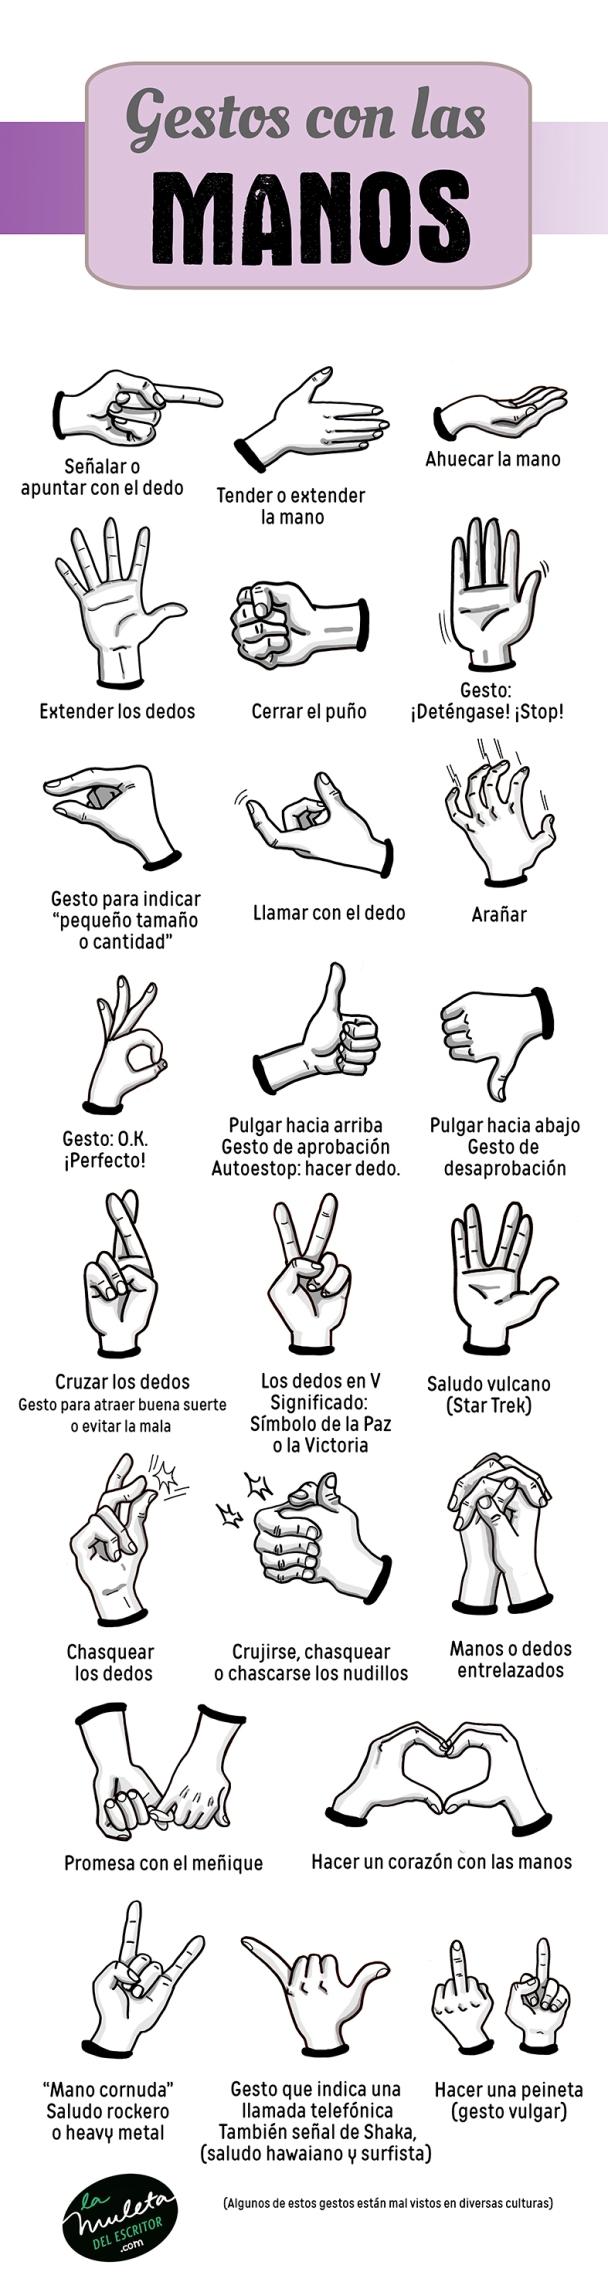 gestos con las manos ficha